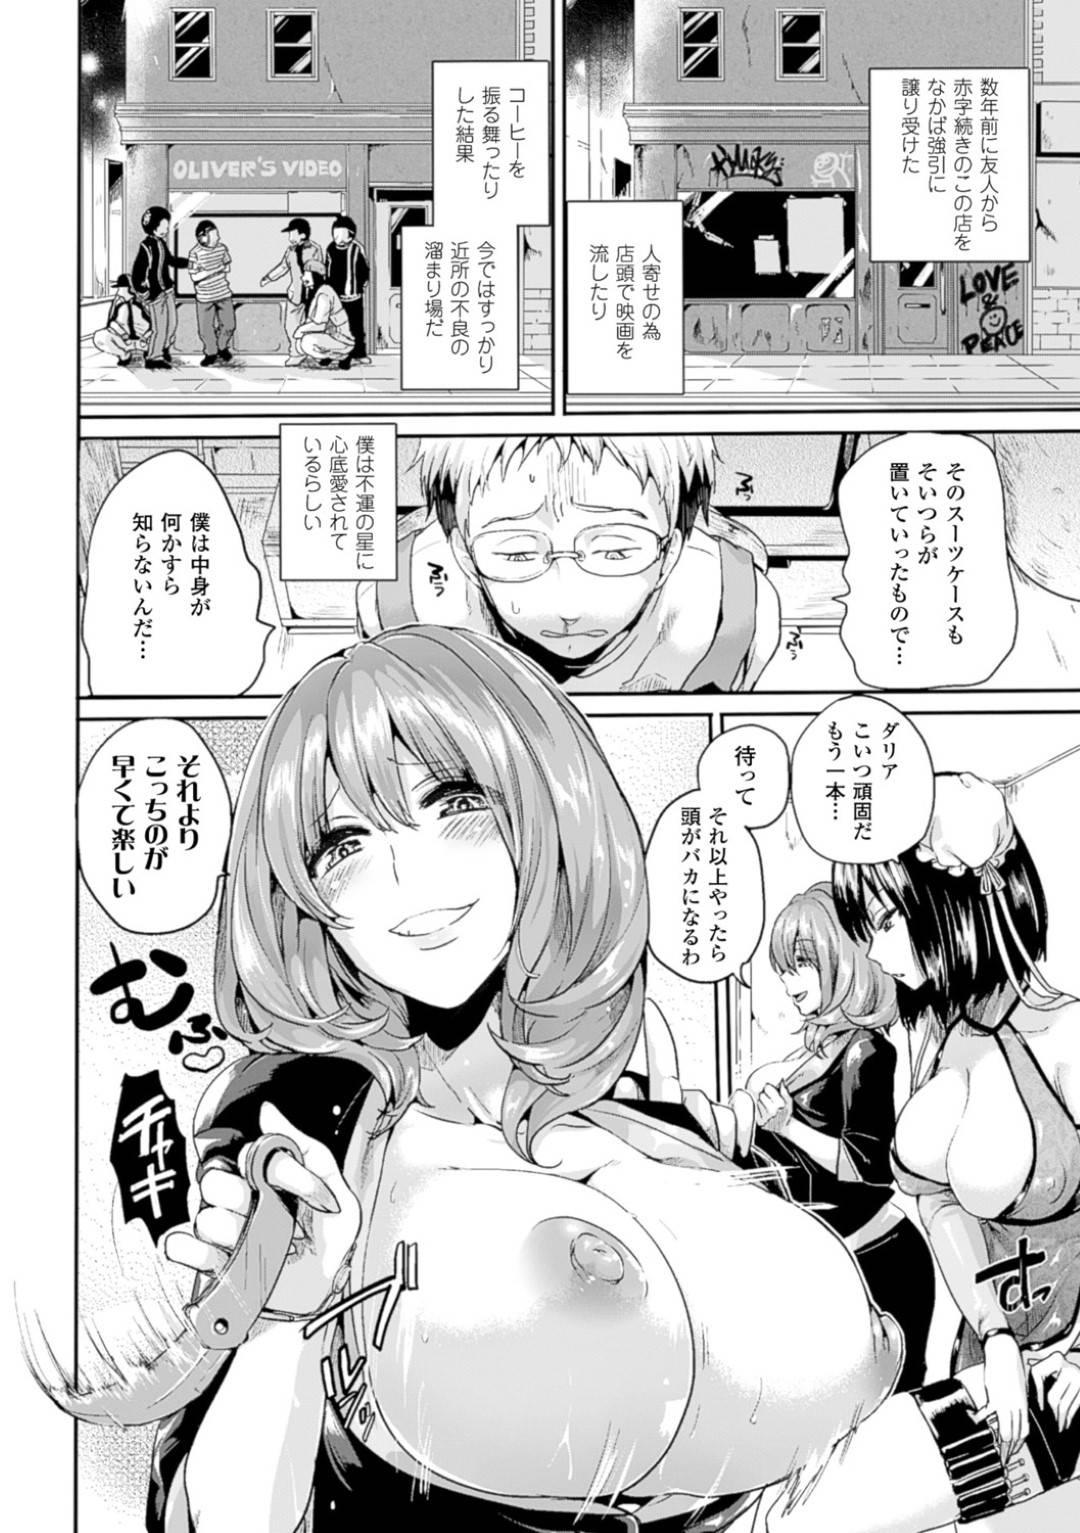 【エロ漫画】気弱な男を拷問する2人の巨乳お姉さん。椅子に拘束して薬を打ったり、エッチな拷問したりする彼女達だったが、それだけでは収まりがつかなくなってしまい、逆レイプまでしてしまう!